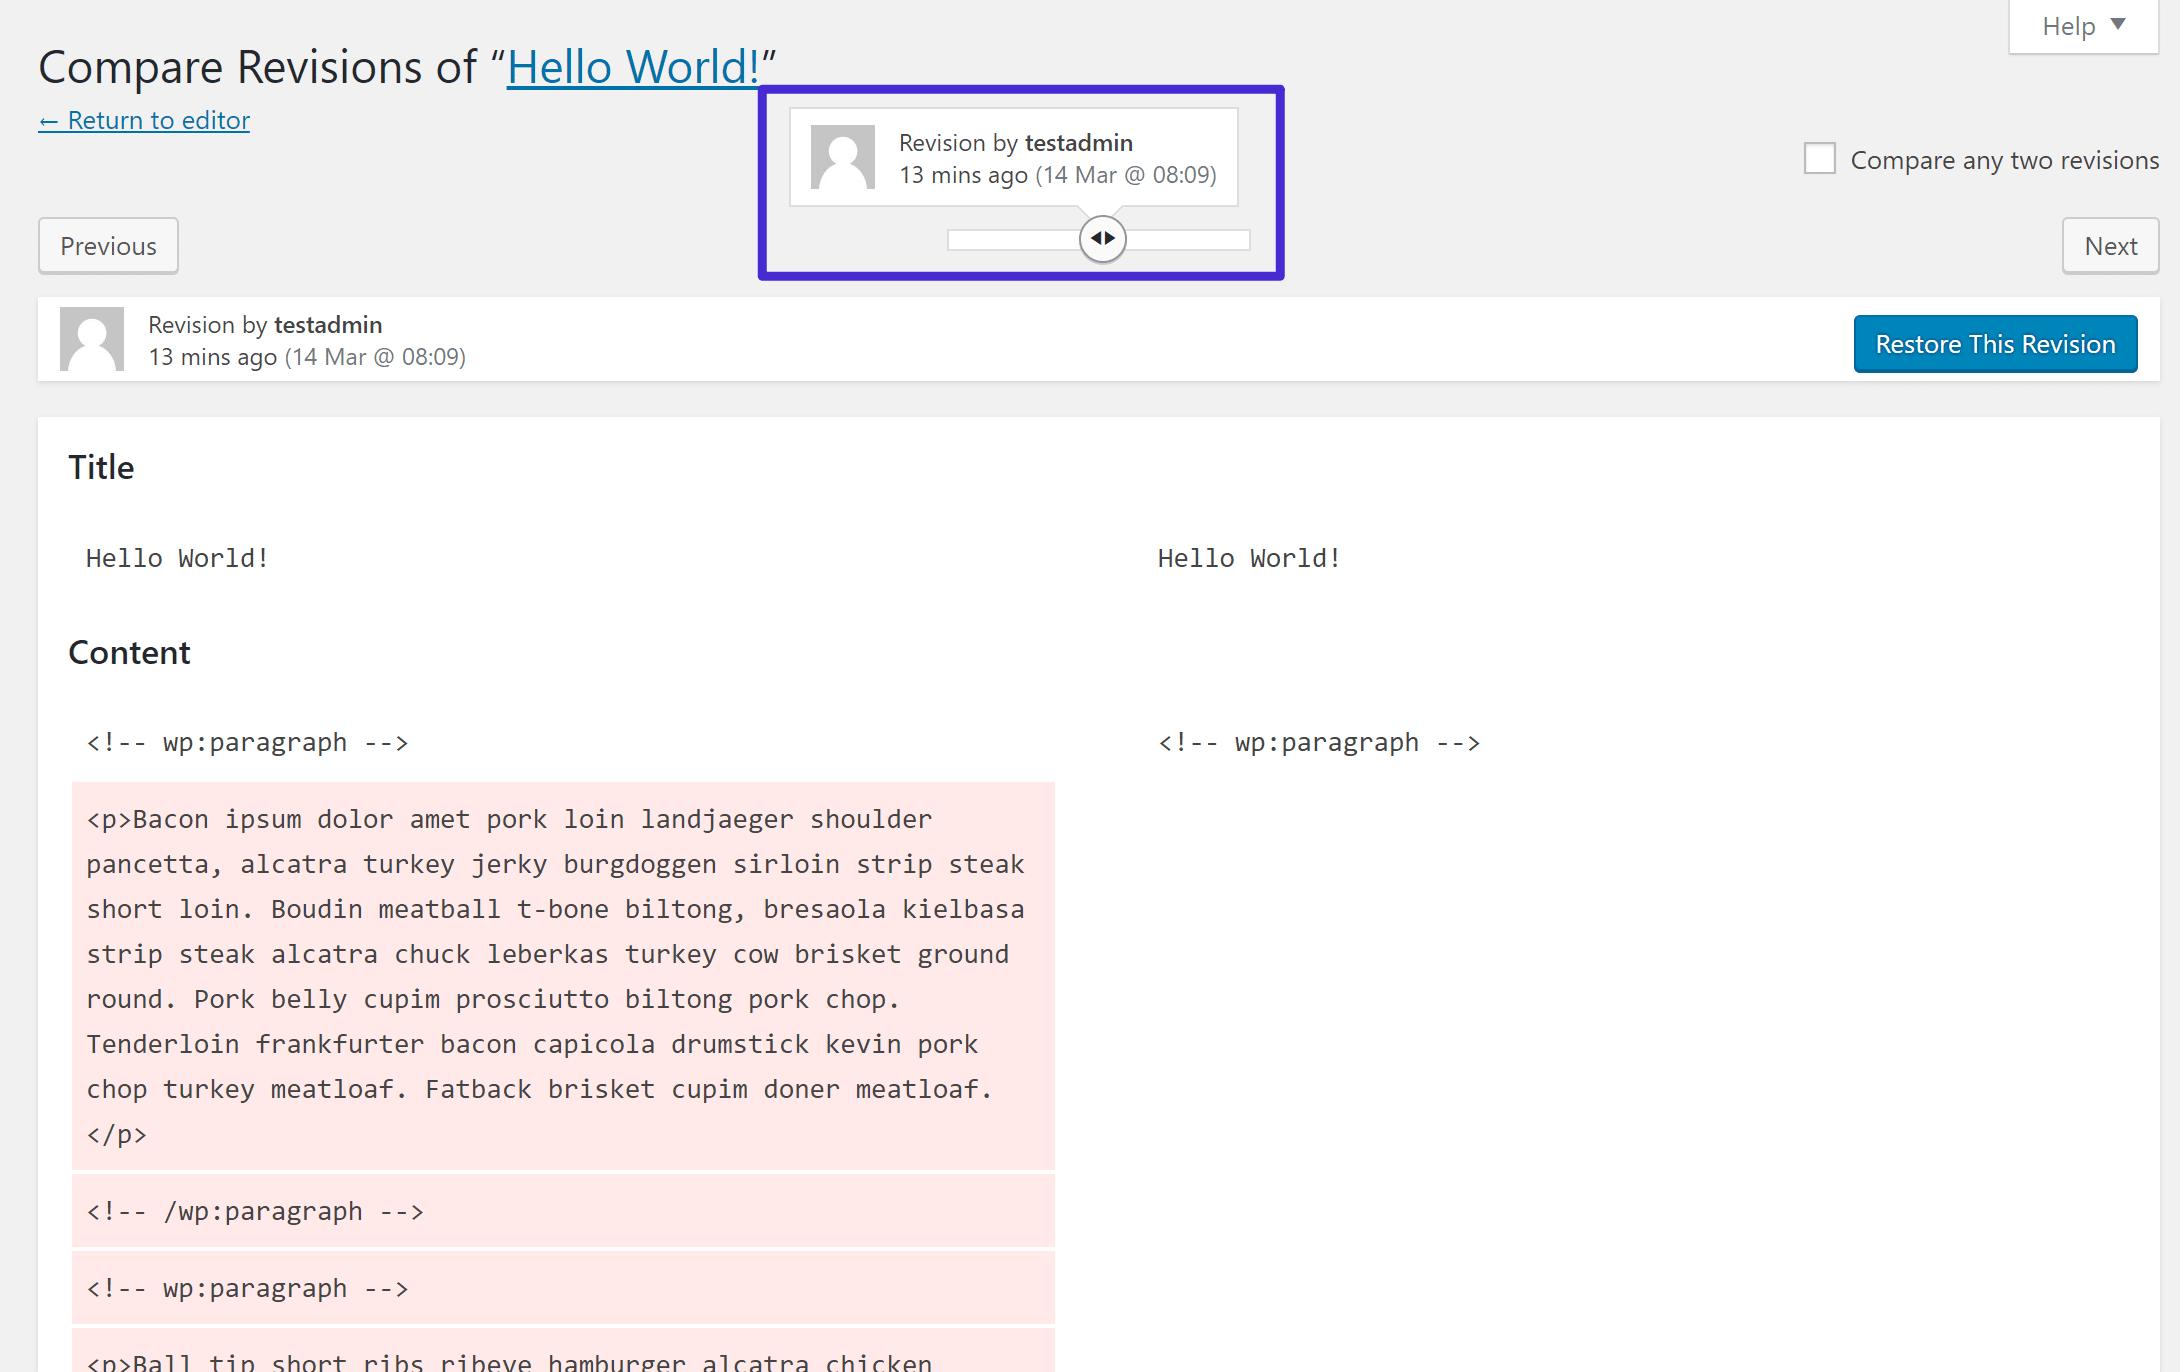 Utilisez le curseur pour changer la révision que vous regardez.